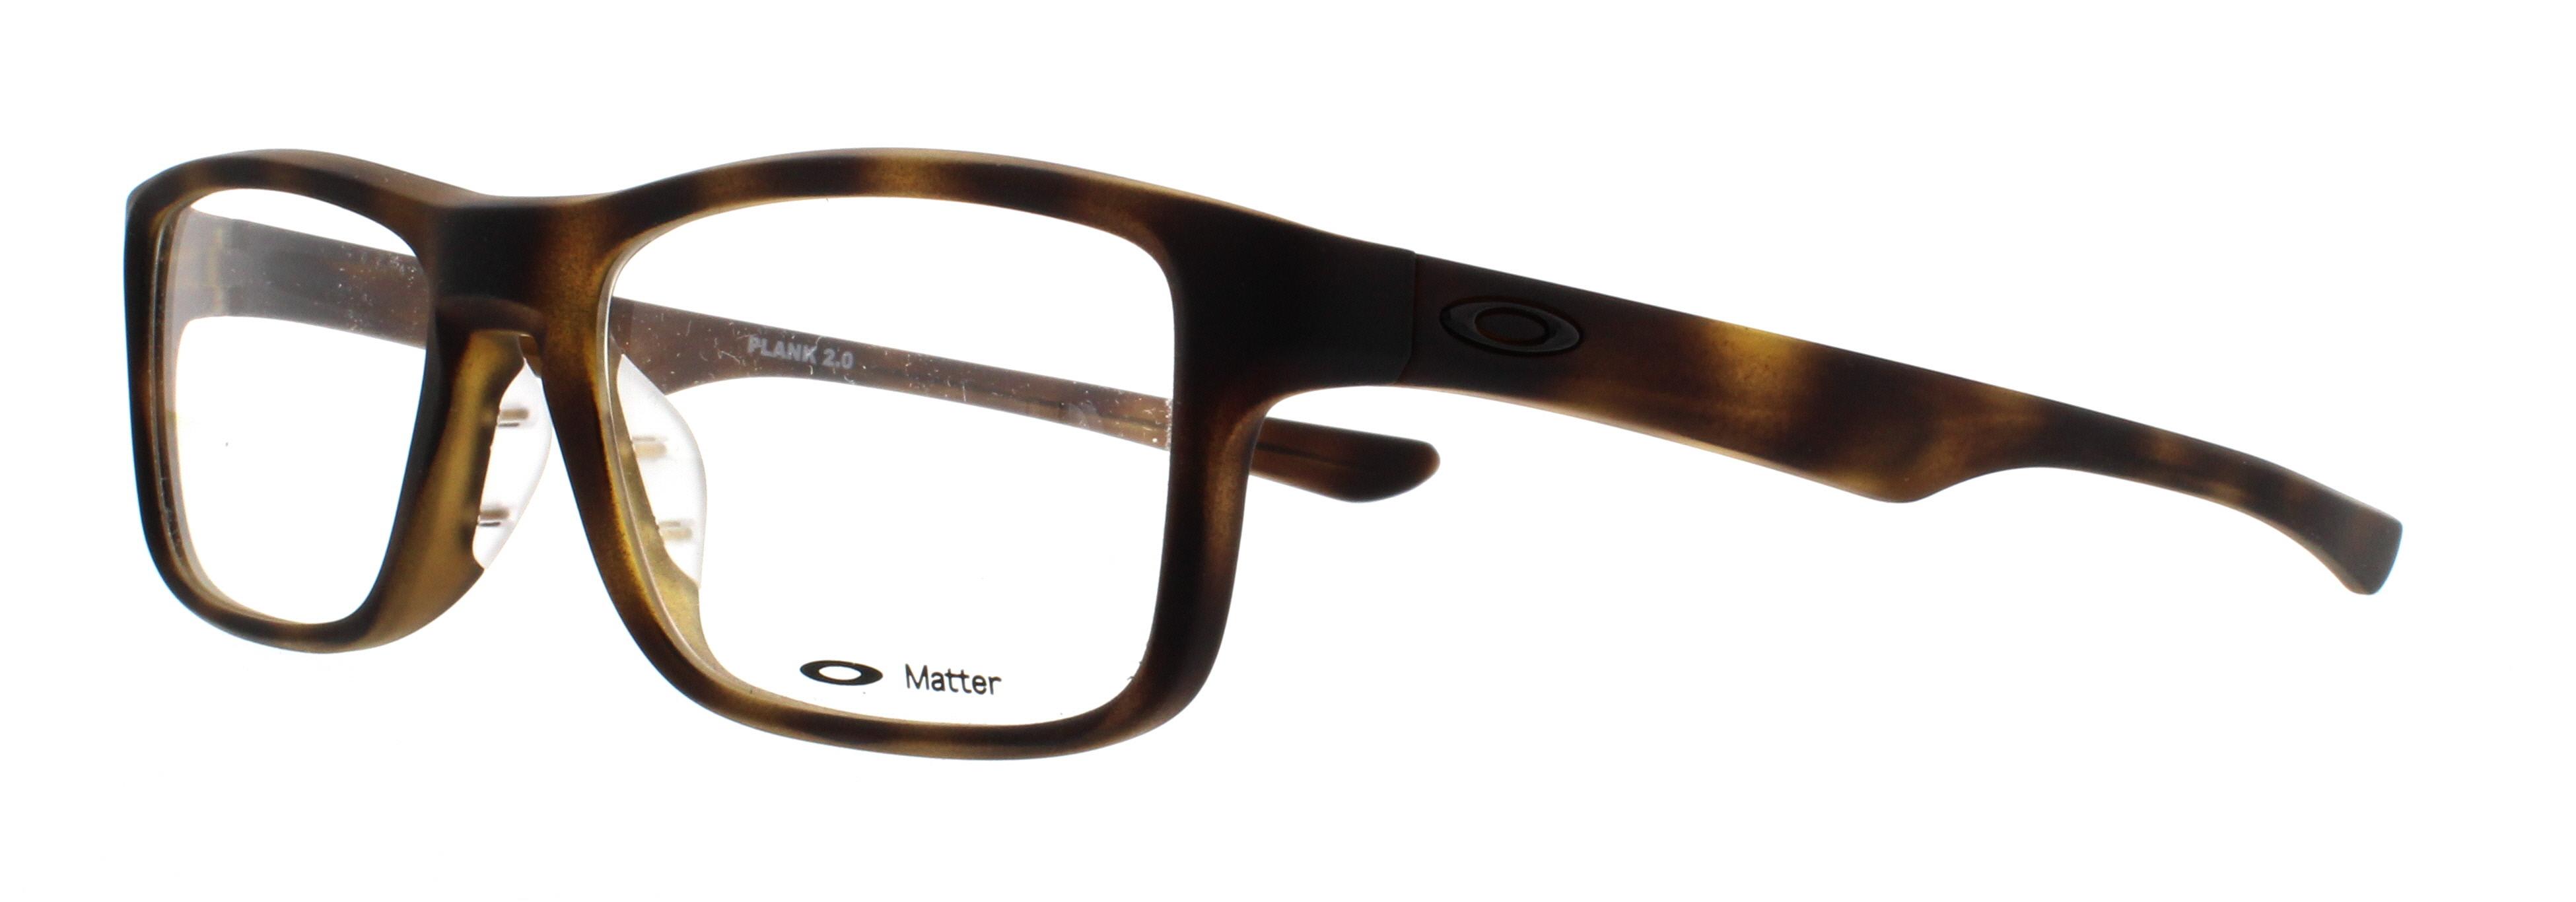 52707e2c97 Designer Frames Outlet. Oakley PLANK 2.0